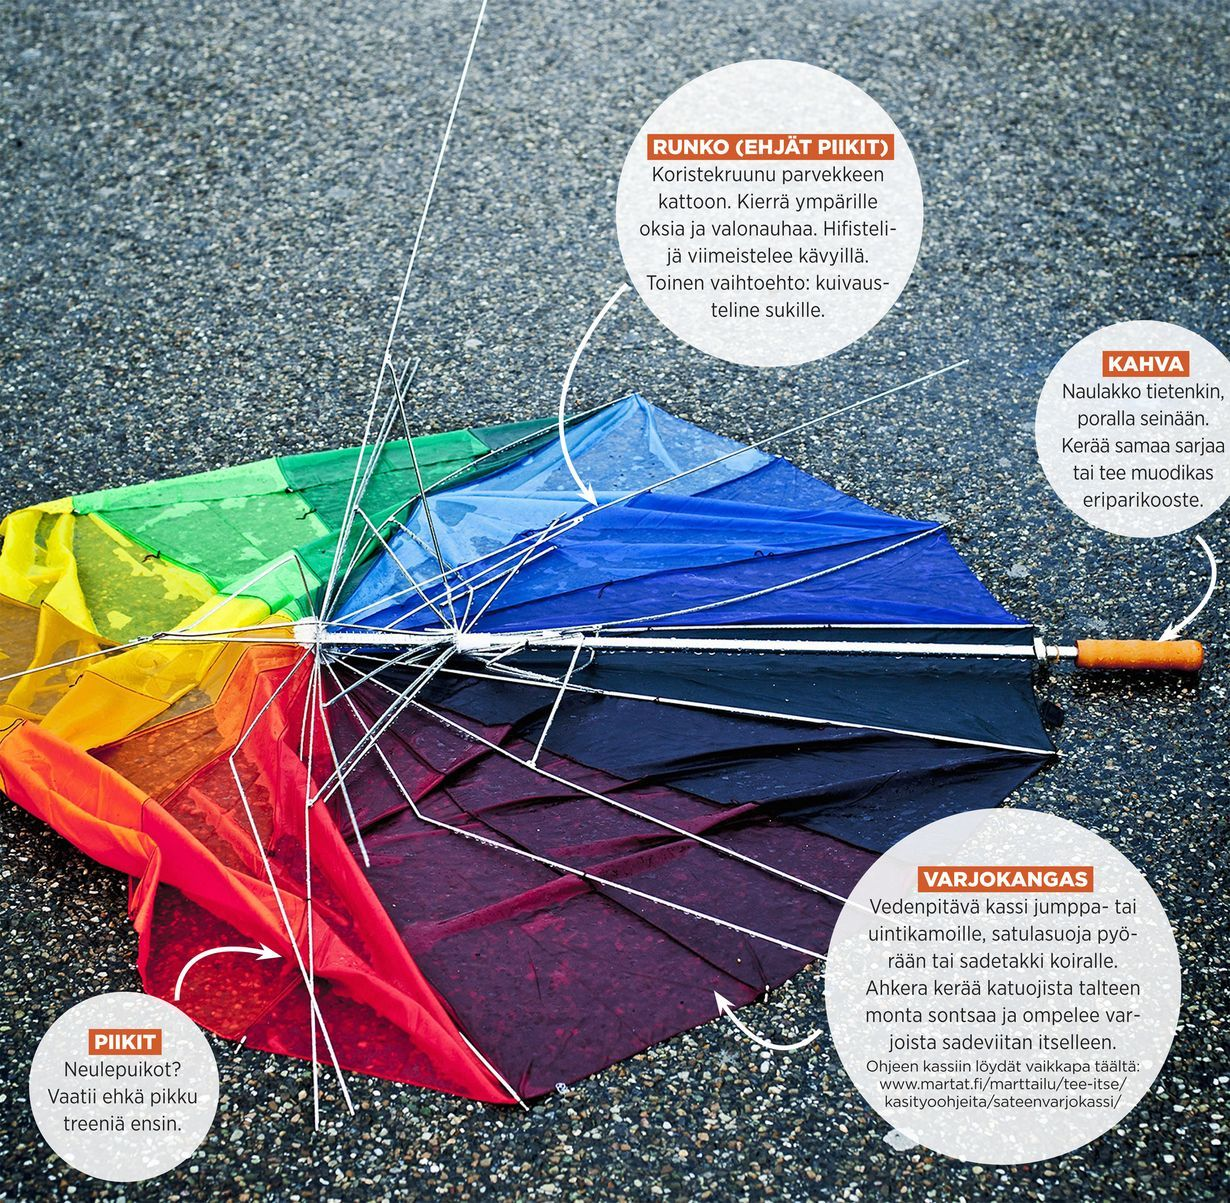 8 Tapaa Hyodyntaa Rikkinainen Sateenvarjo Book Cover Map Cover